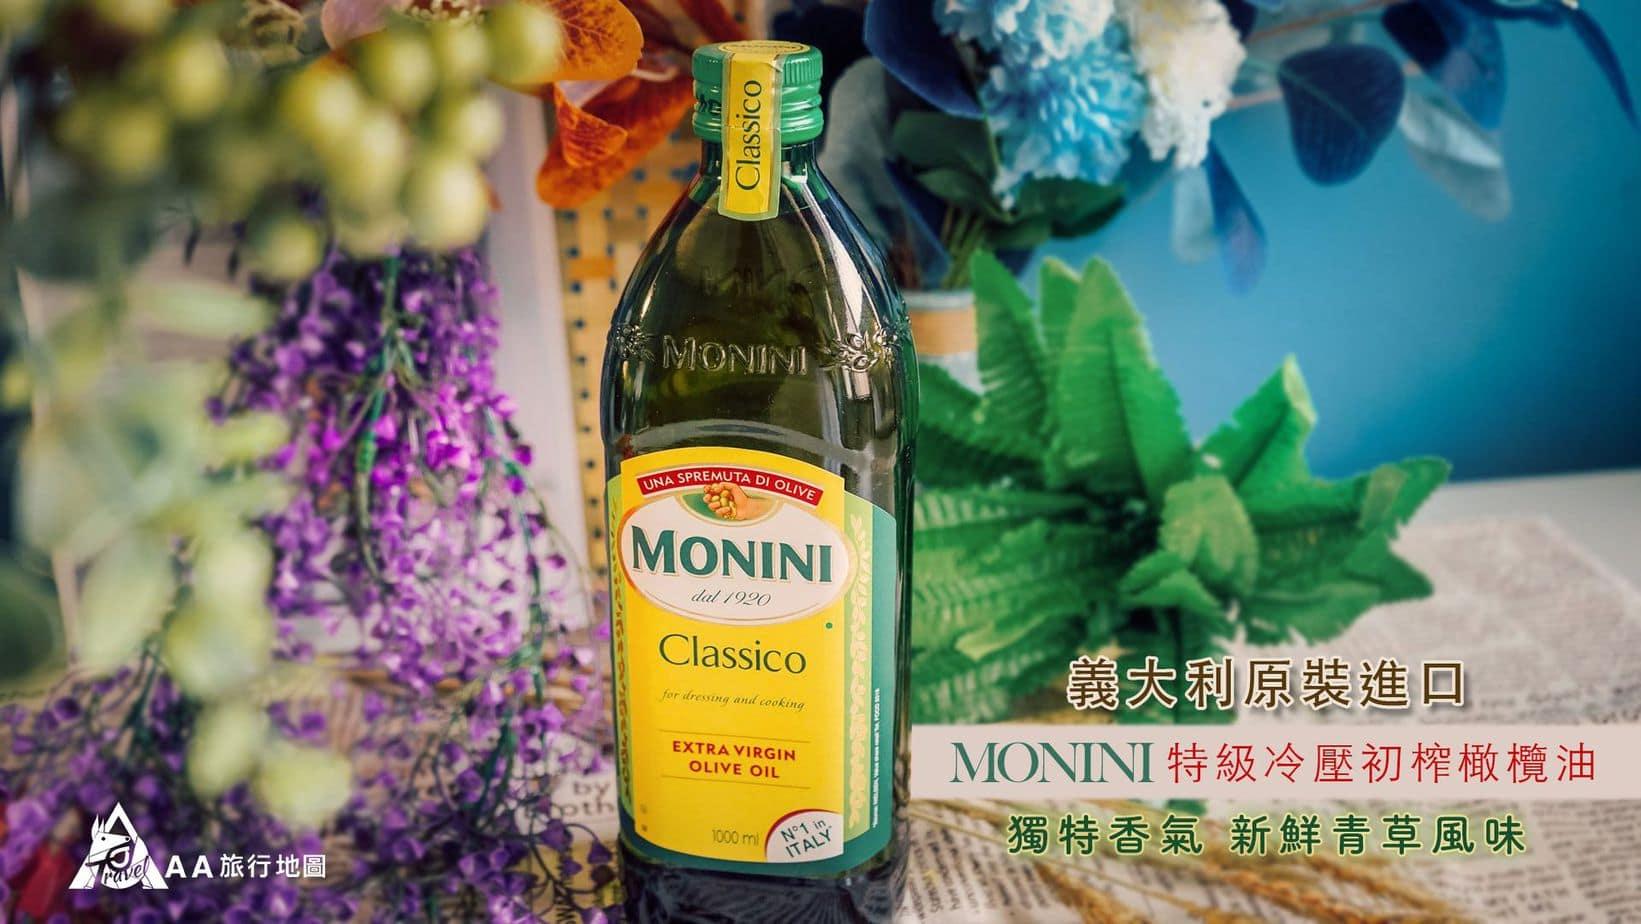 MONINI 初榨頂級冷壓橄欖油精選圖片